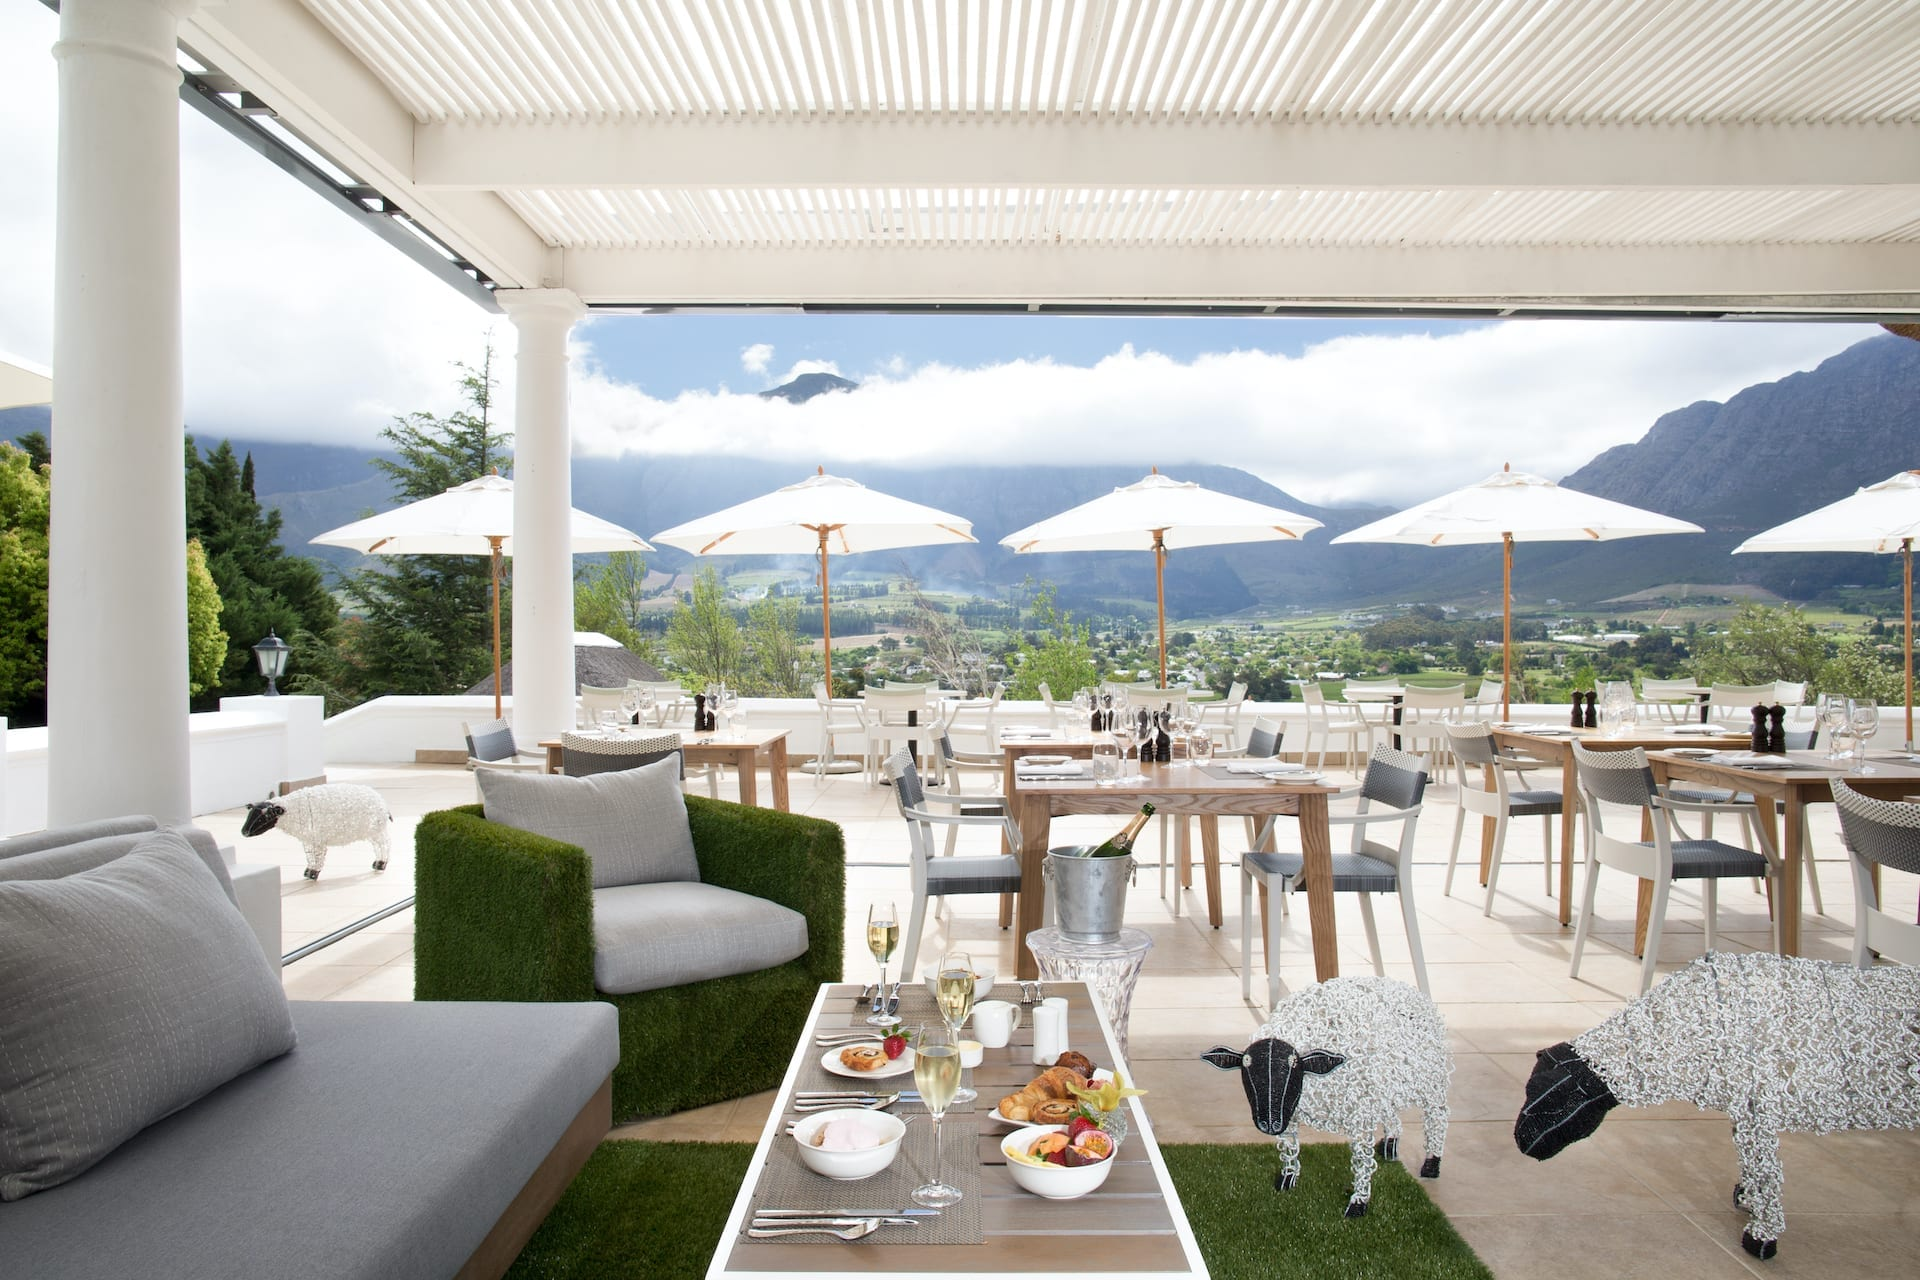 # ZA 18 - Mont Rochelle - Miko_Restaurant_Terrace